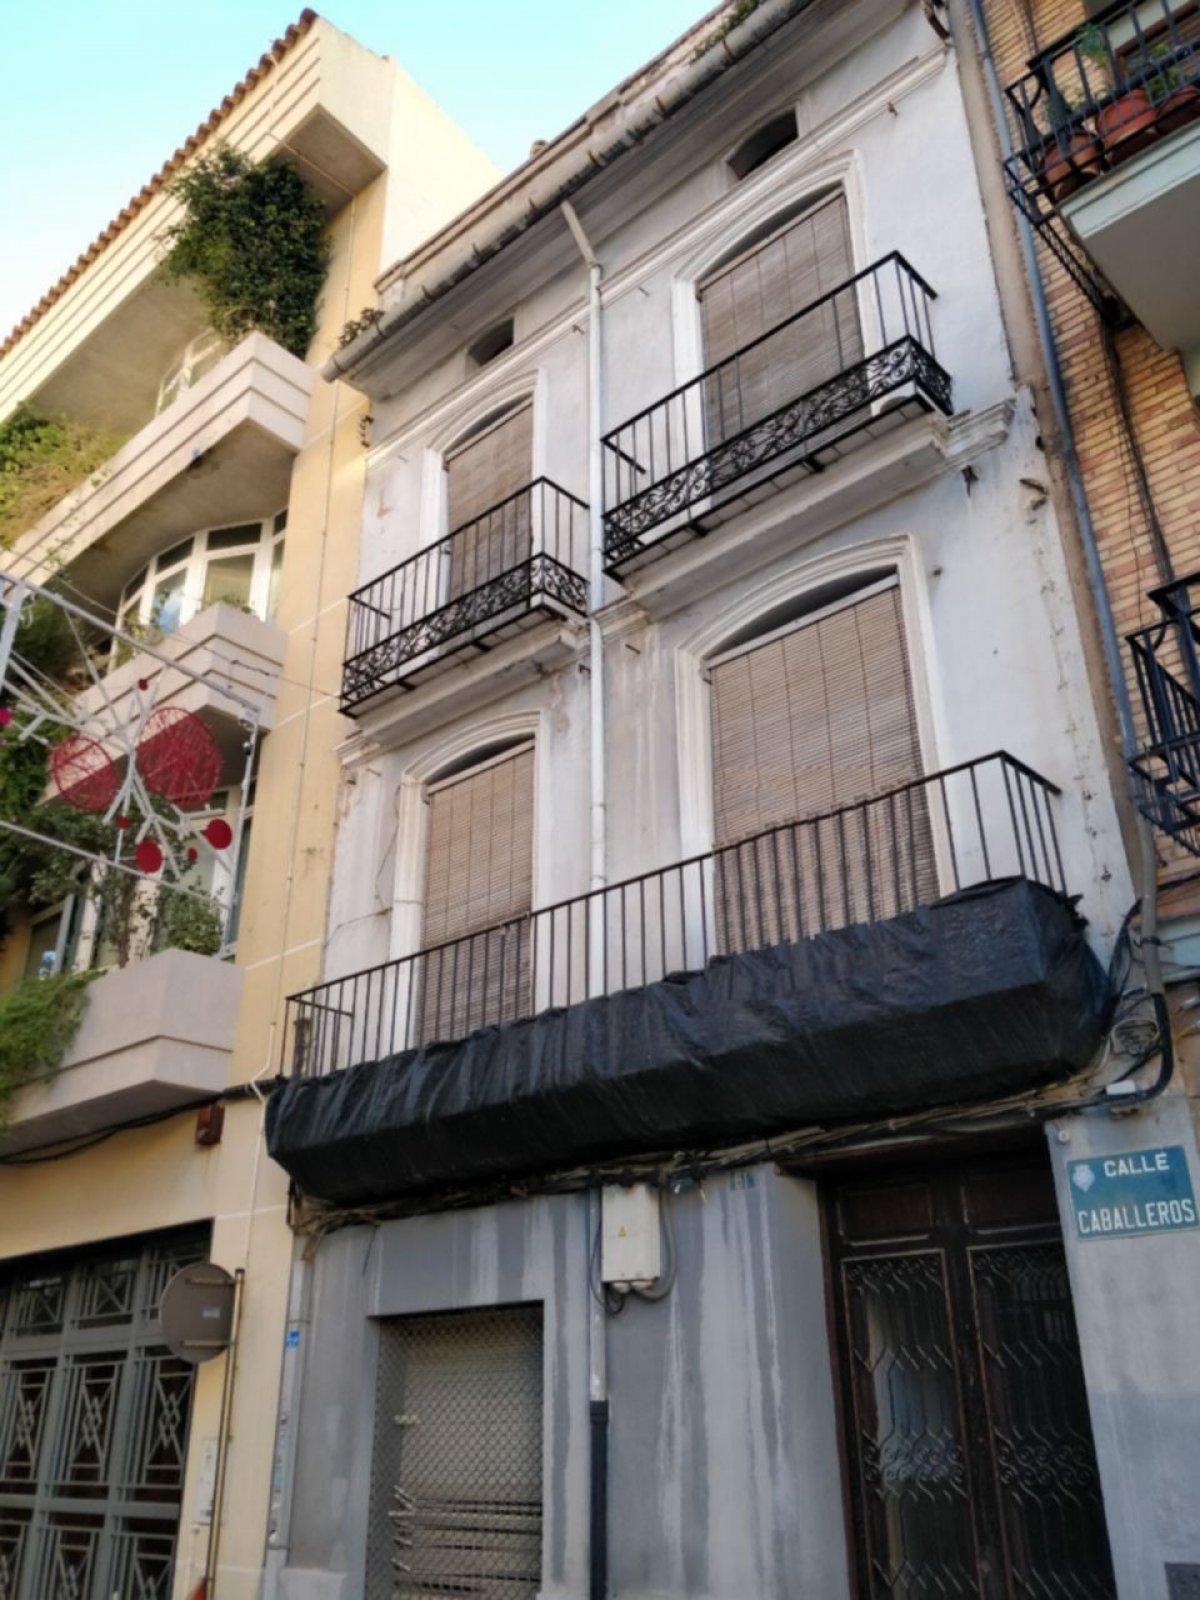 Edificio  Calle caballeros, 61. Invierta en una localización única